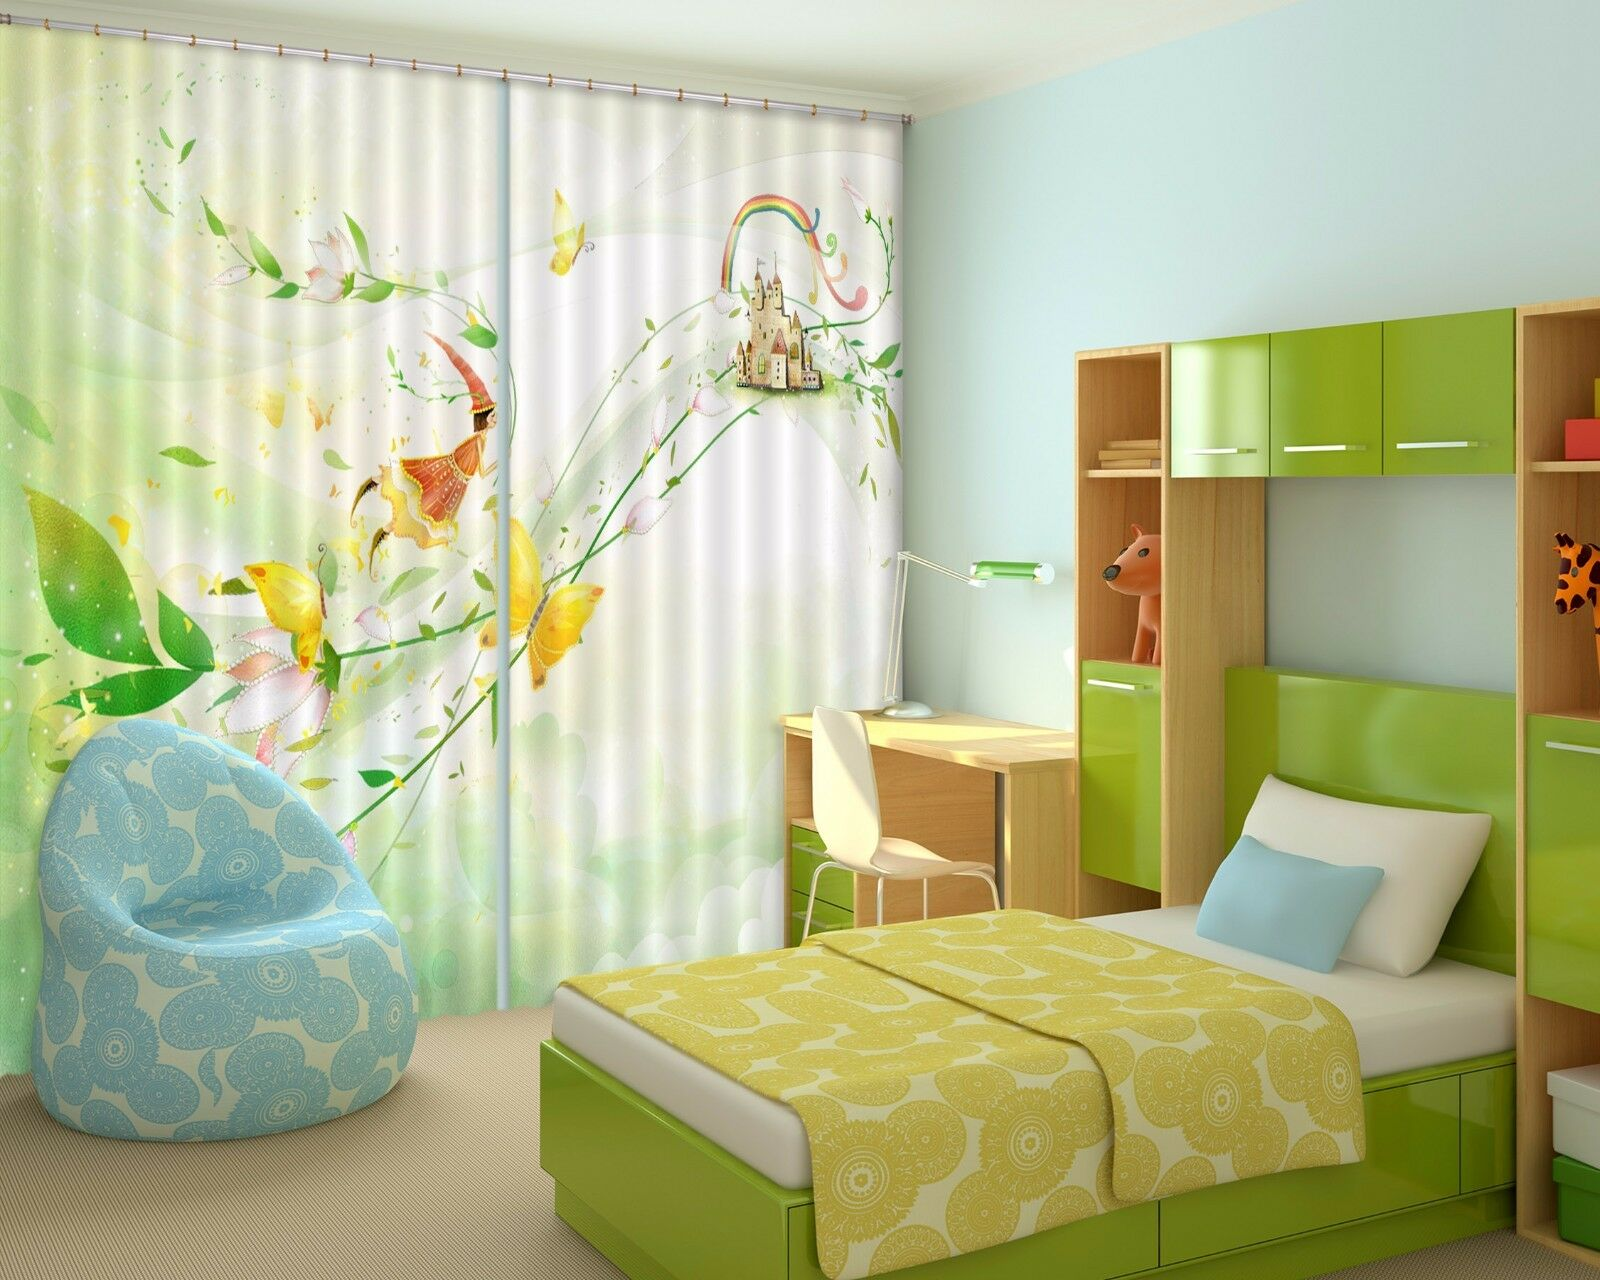 Hoja De Hadas 3D 3 Cortinas de impresión de cortina de foto Blockout Tela Cortinas Ventana au